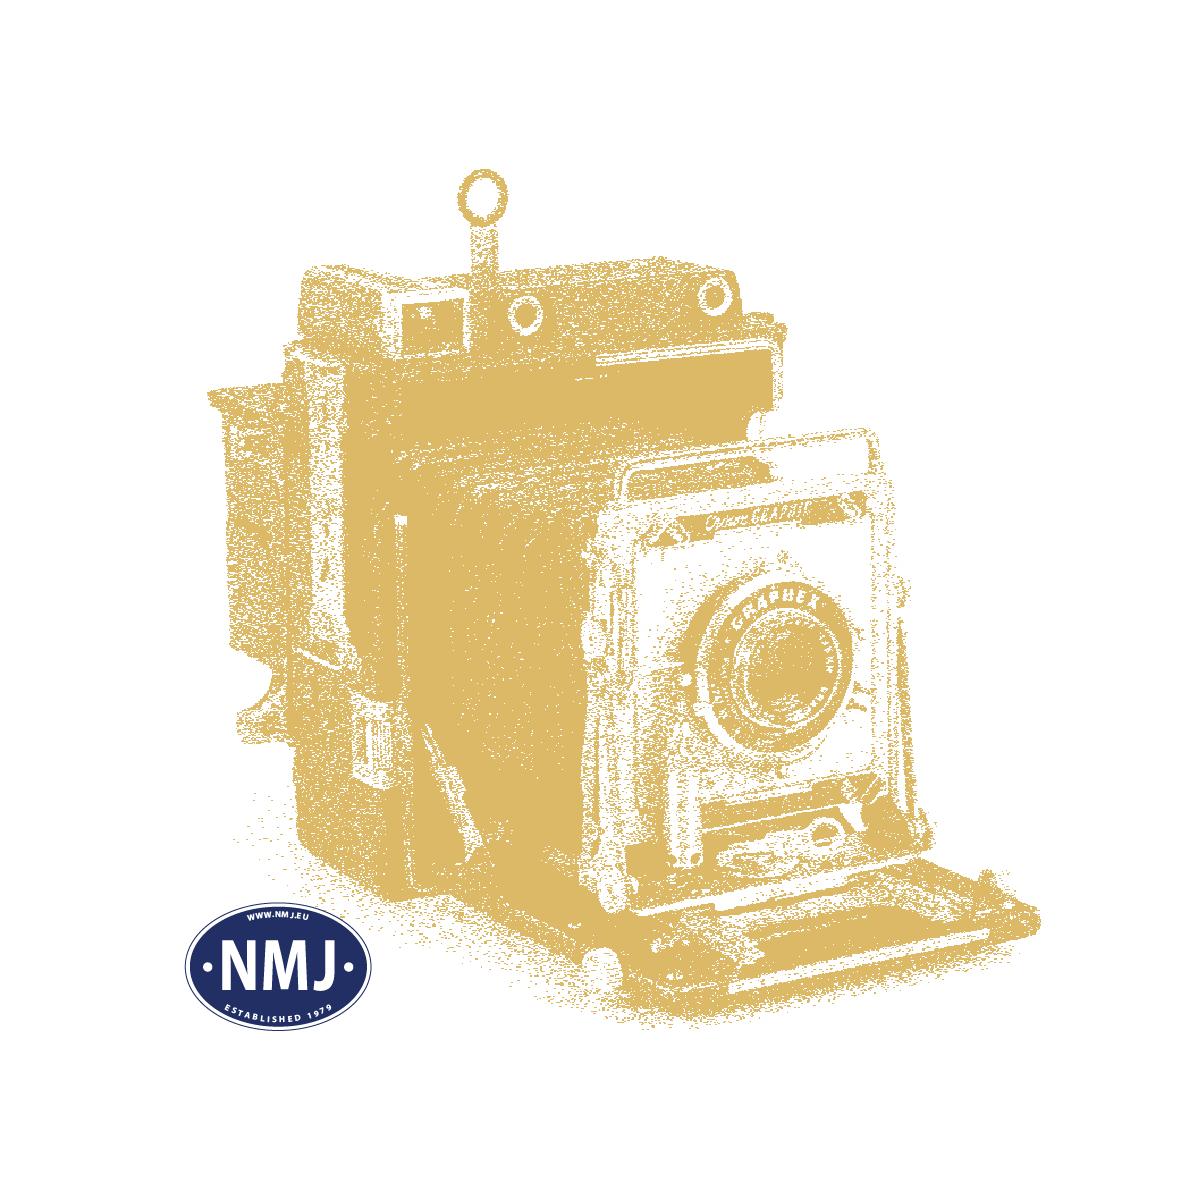 NMJB1123 - Faltenbälge, 4 Stück